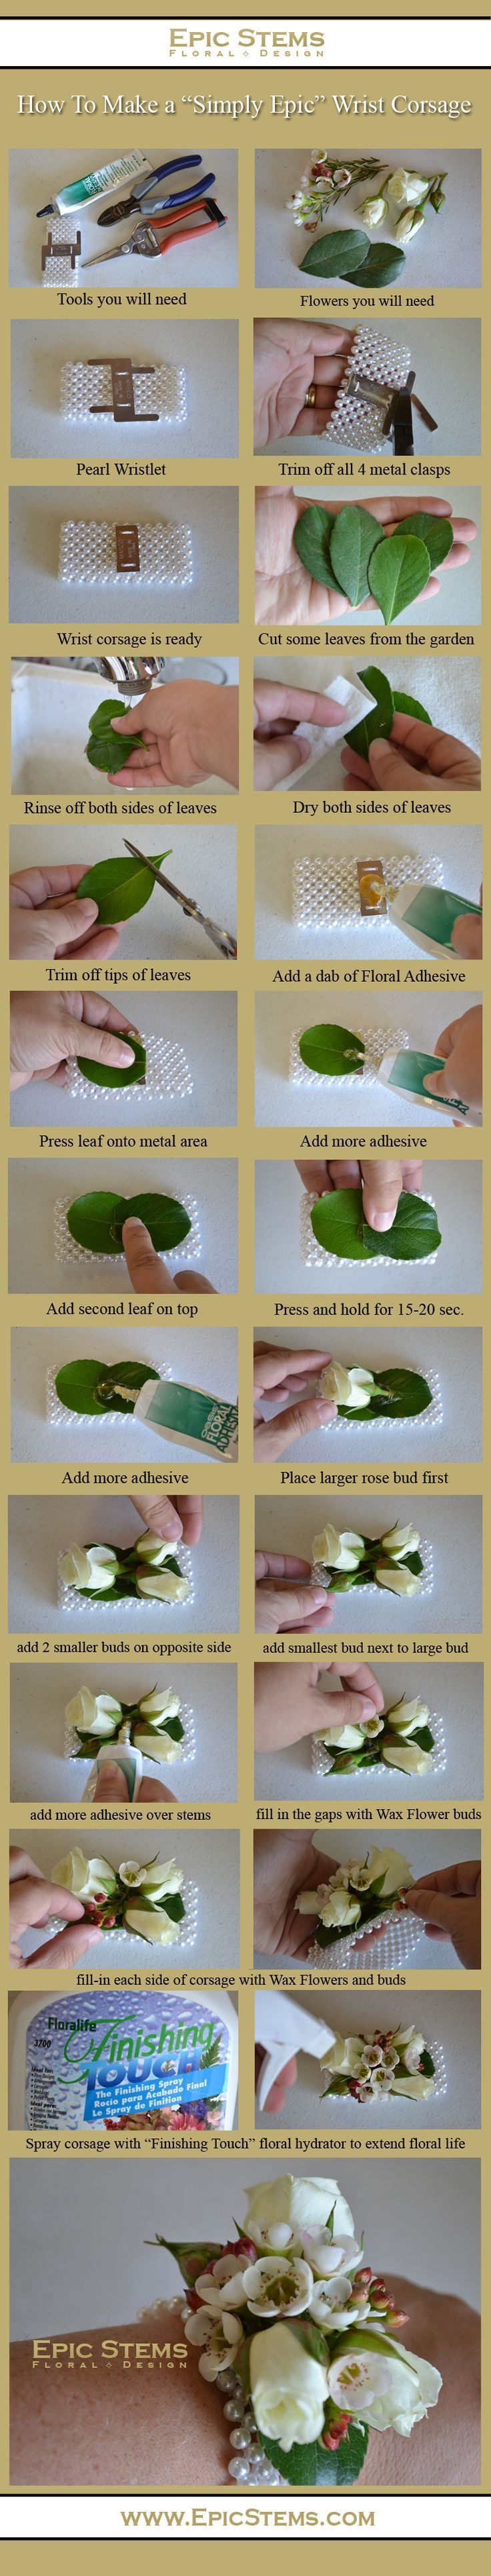 DIY出来る!手元が100倍可愛くなる『リストブーケ』の作り方♡にて紹介している画像